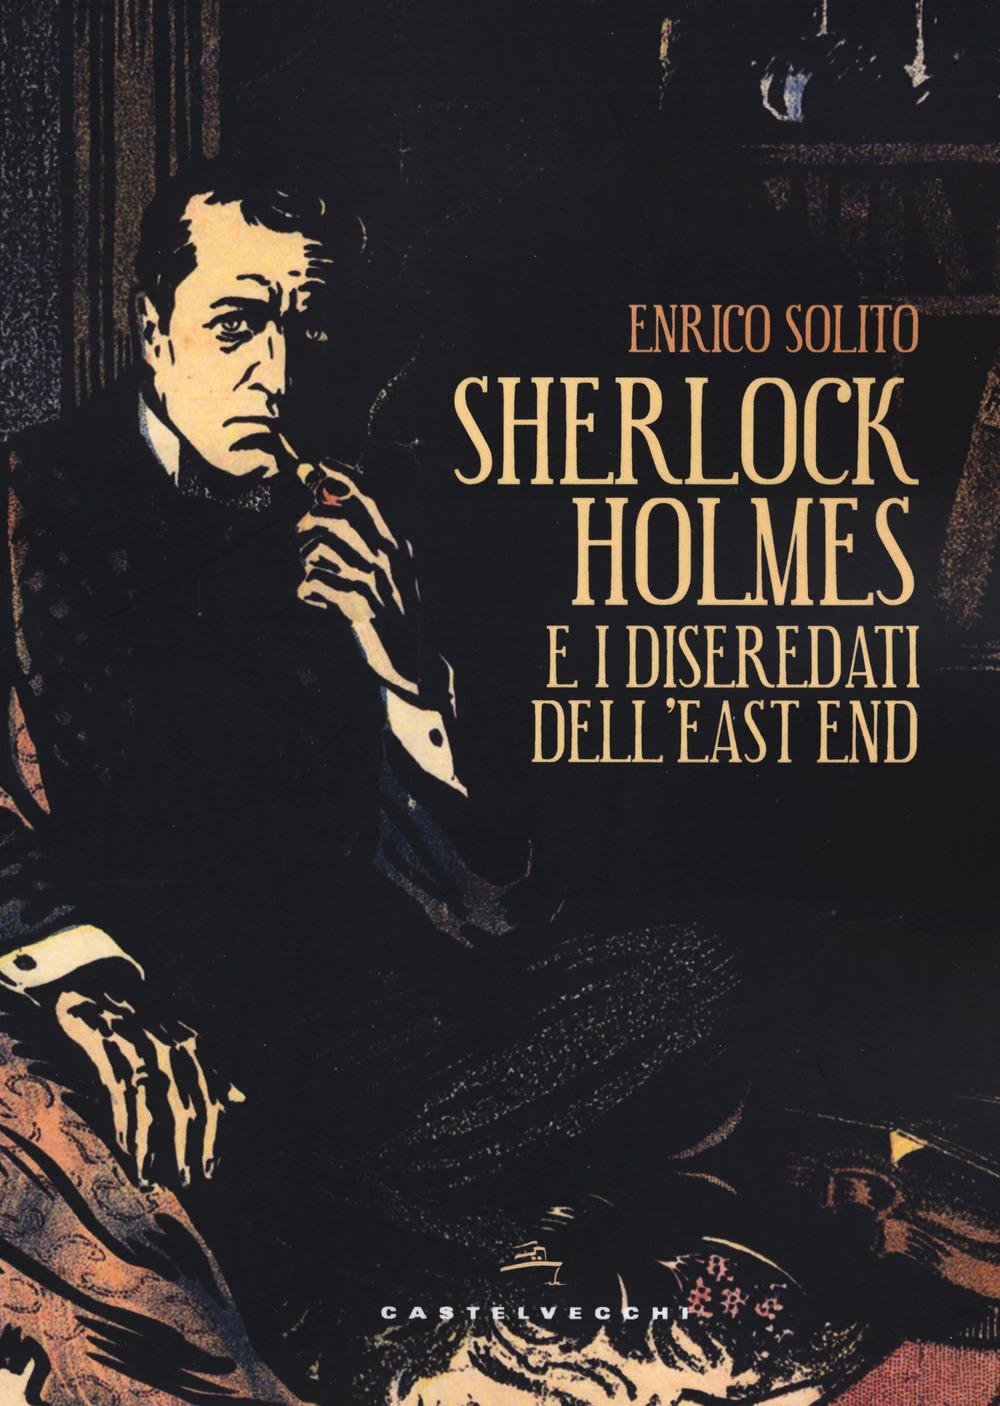 SCHERLOCK HOLMES E I DISEREDATI DELL'EAST END - Solito Enrico - 9788832902716